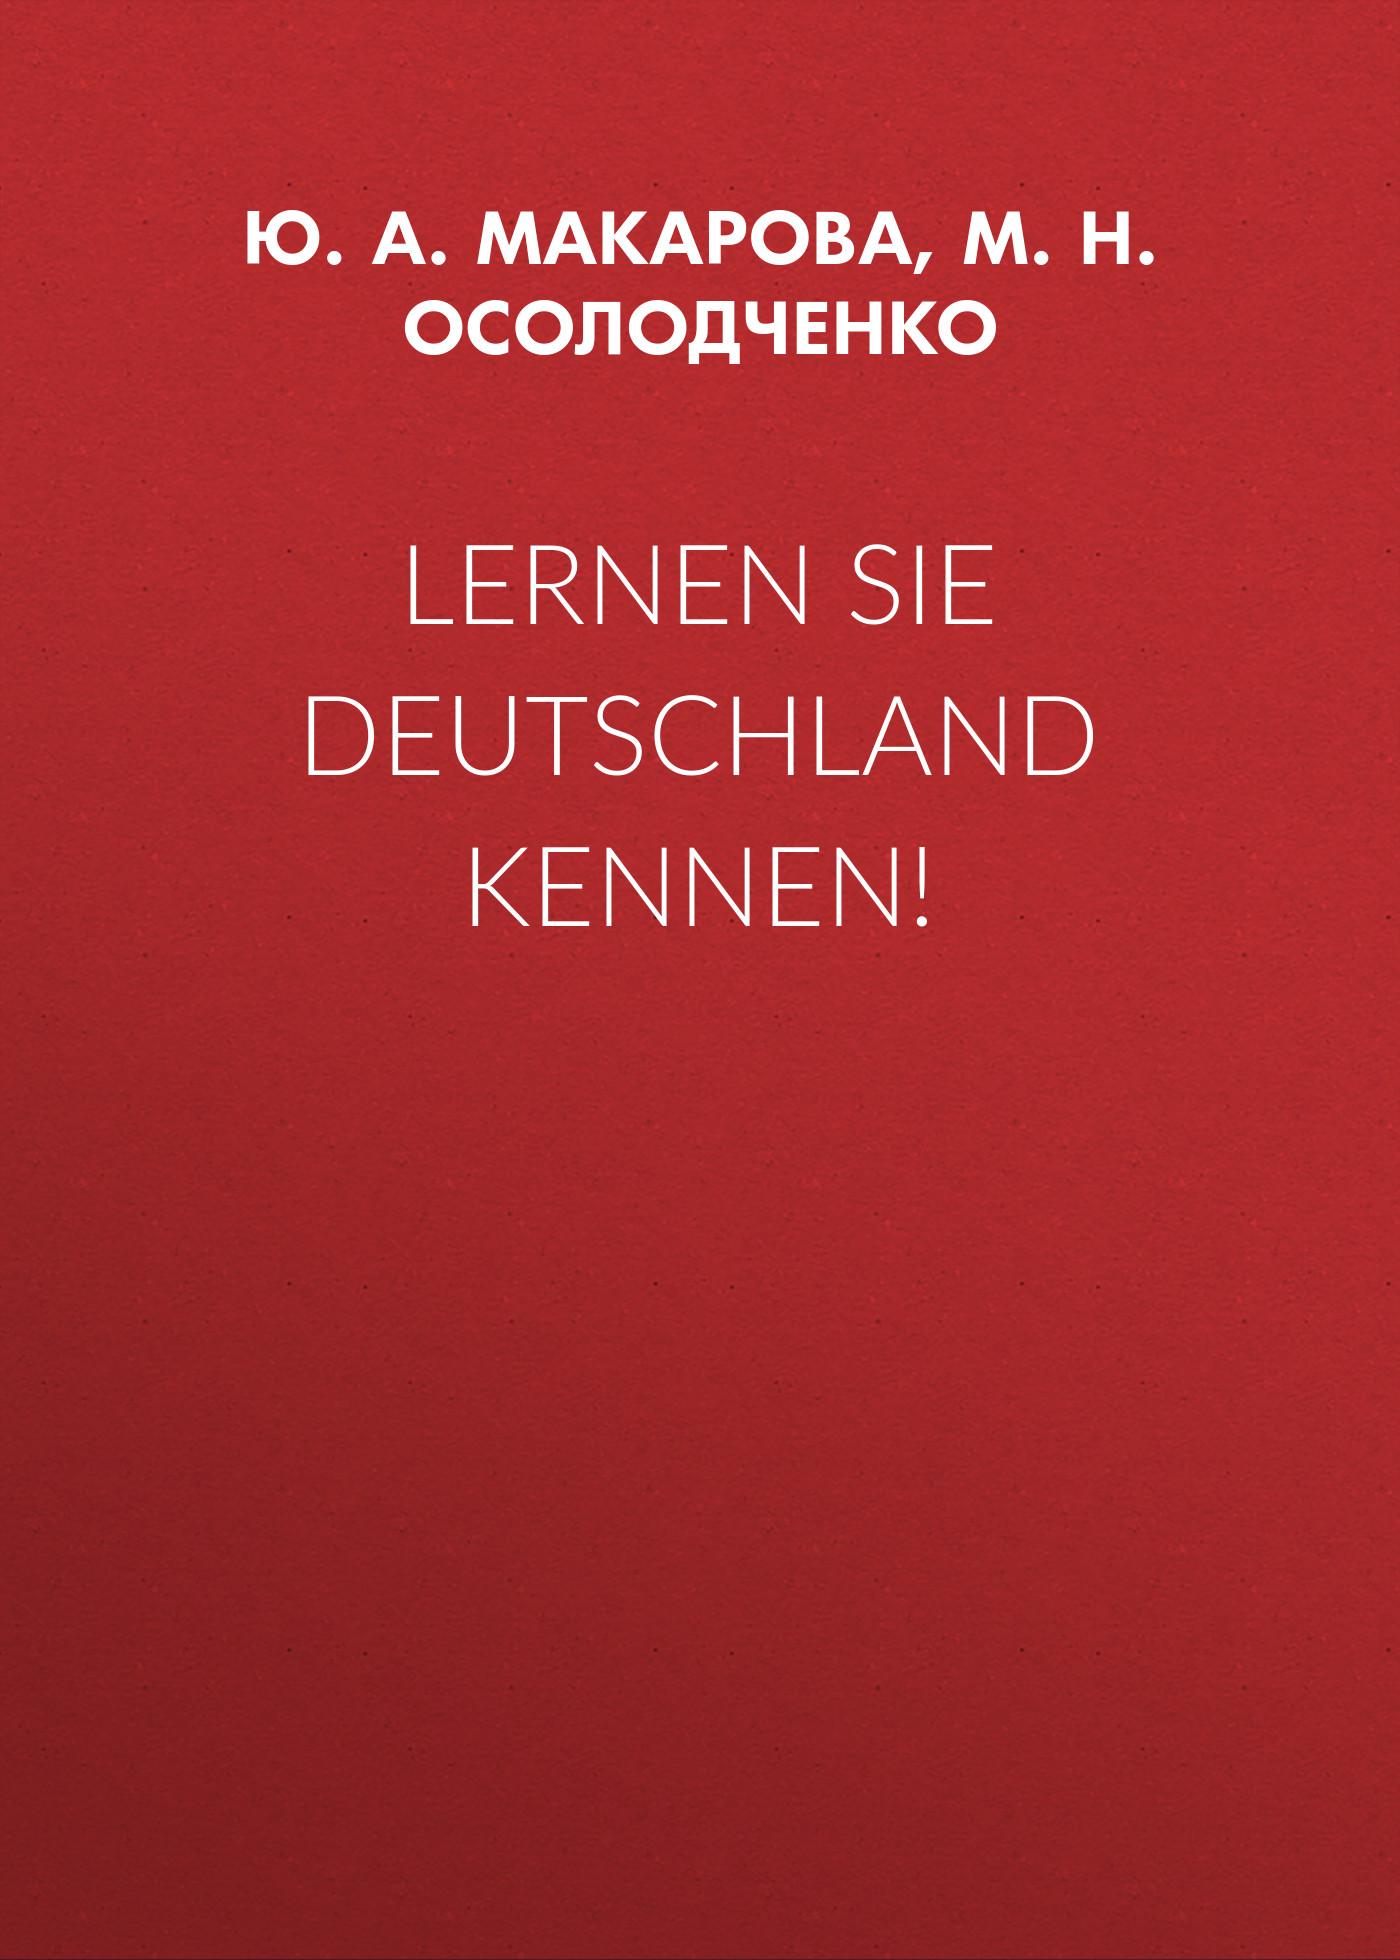 М. Н. Осолодченко Lernen Sie Deutschland Kennen! елена фефелова практический курс второго иностранного языка французский язык часть 2